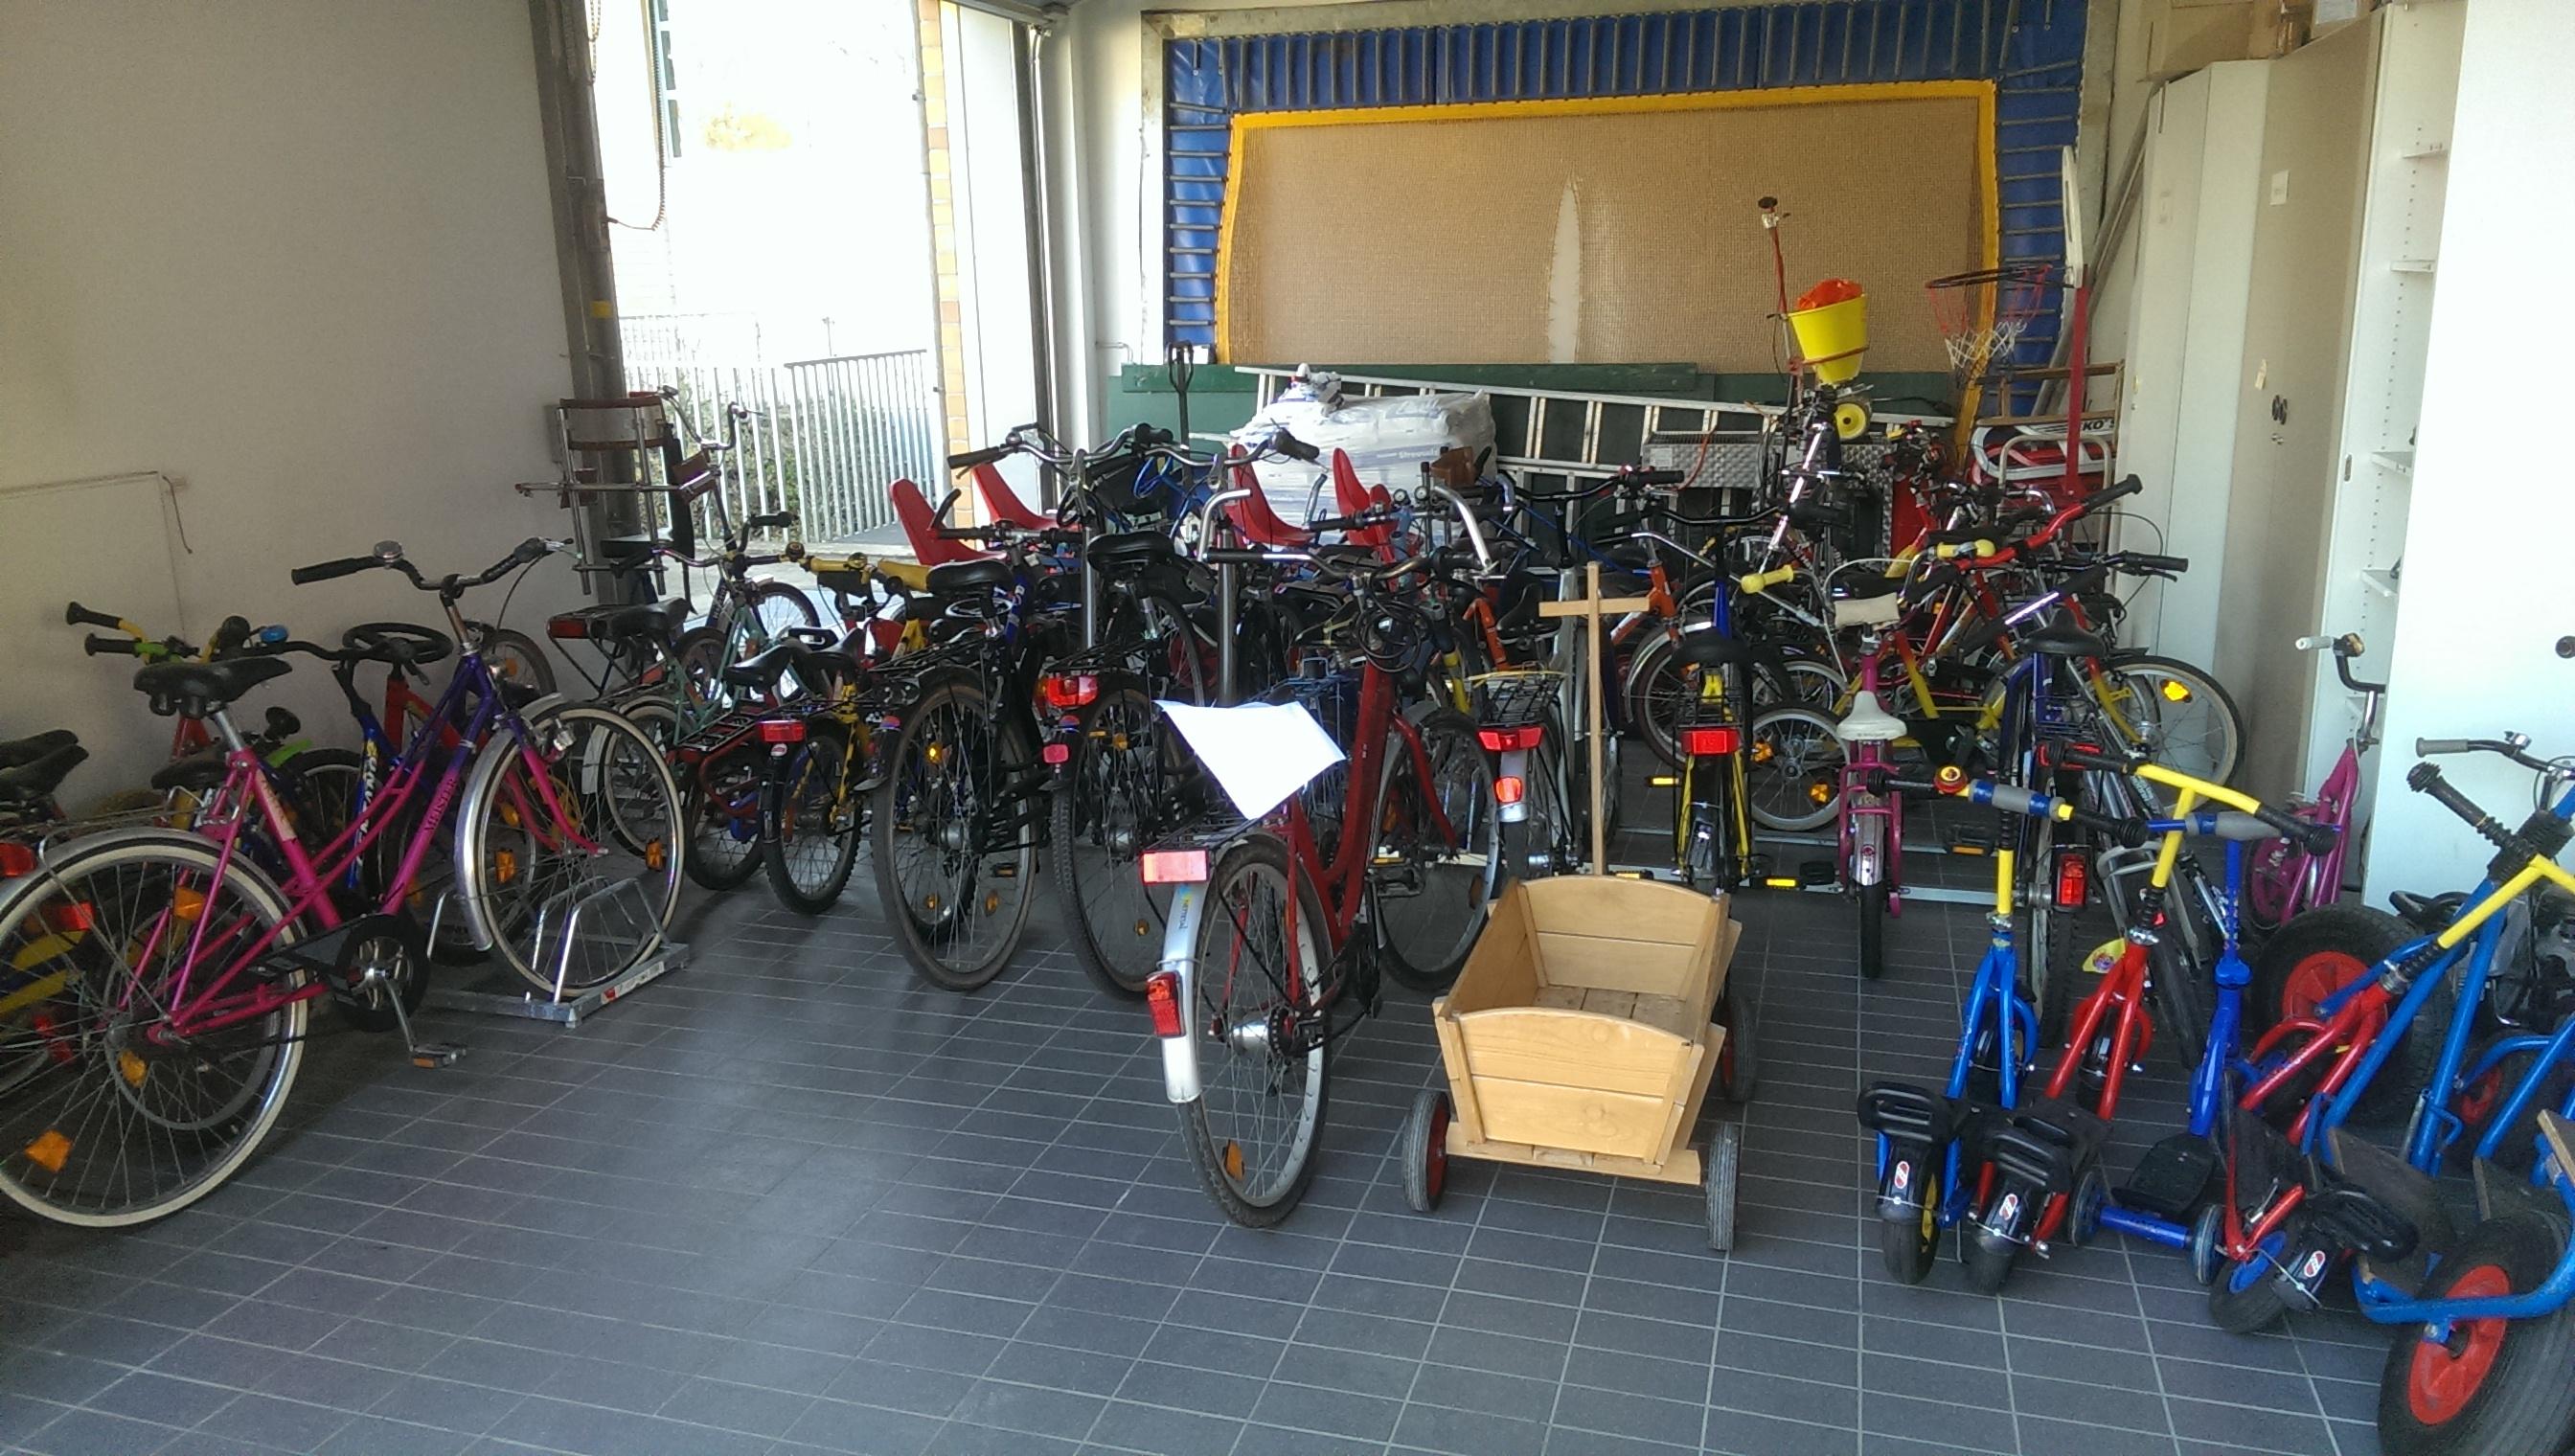 Garage mit Fahrrädern, Rollern und Kettcars